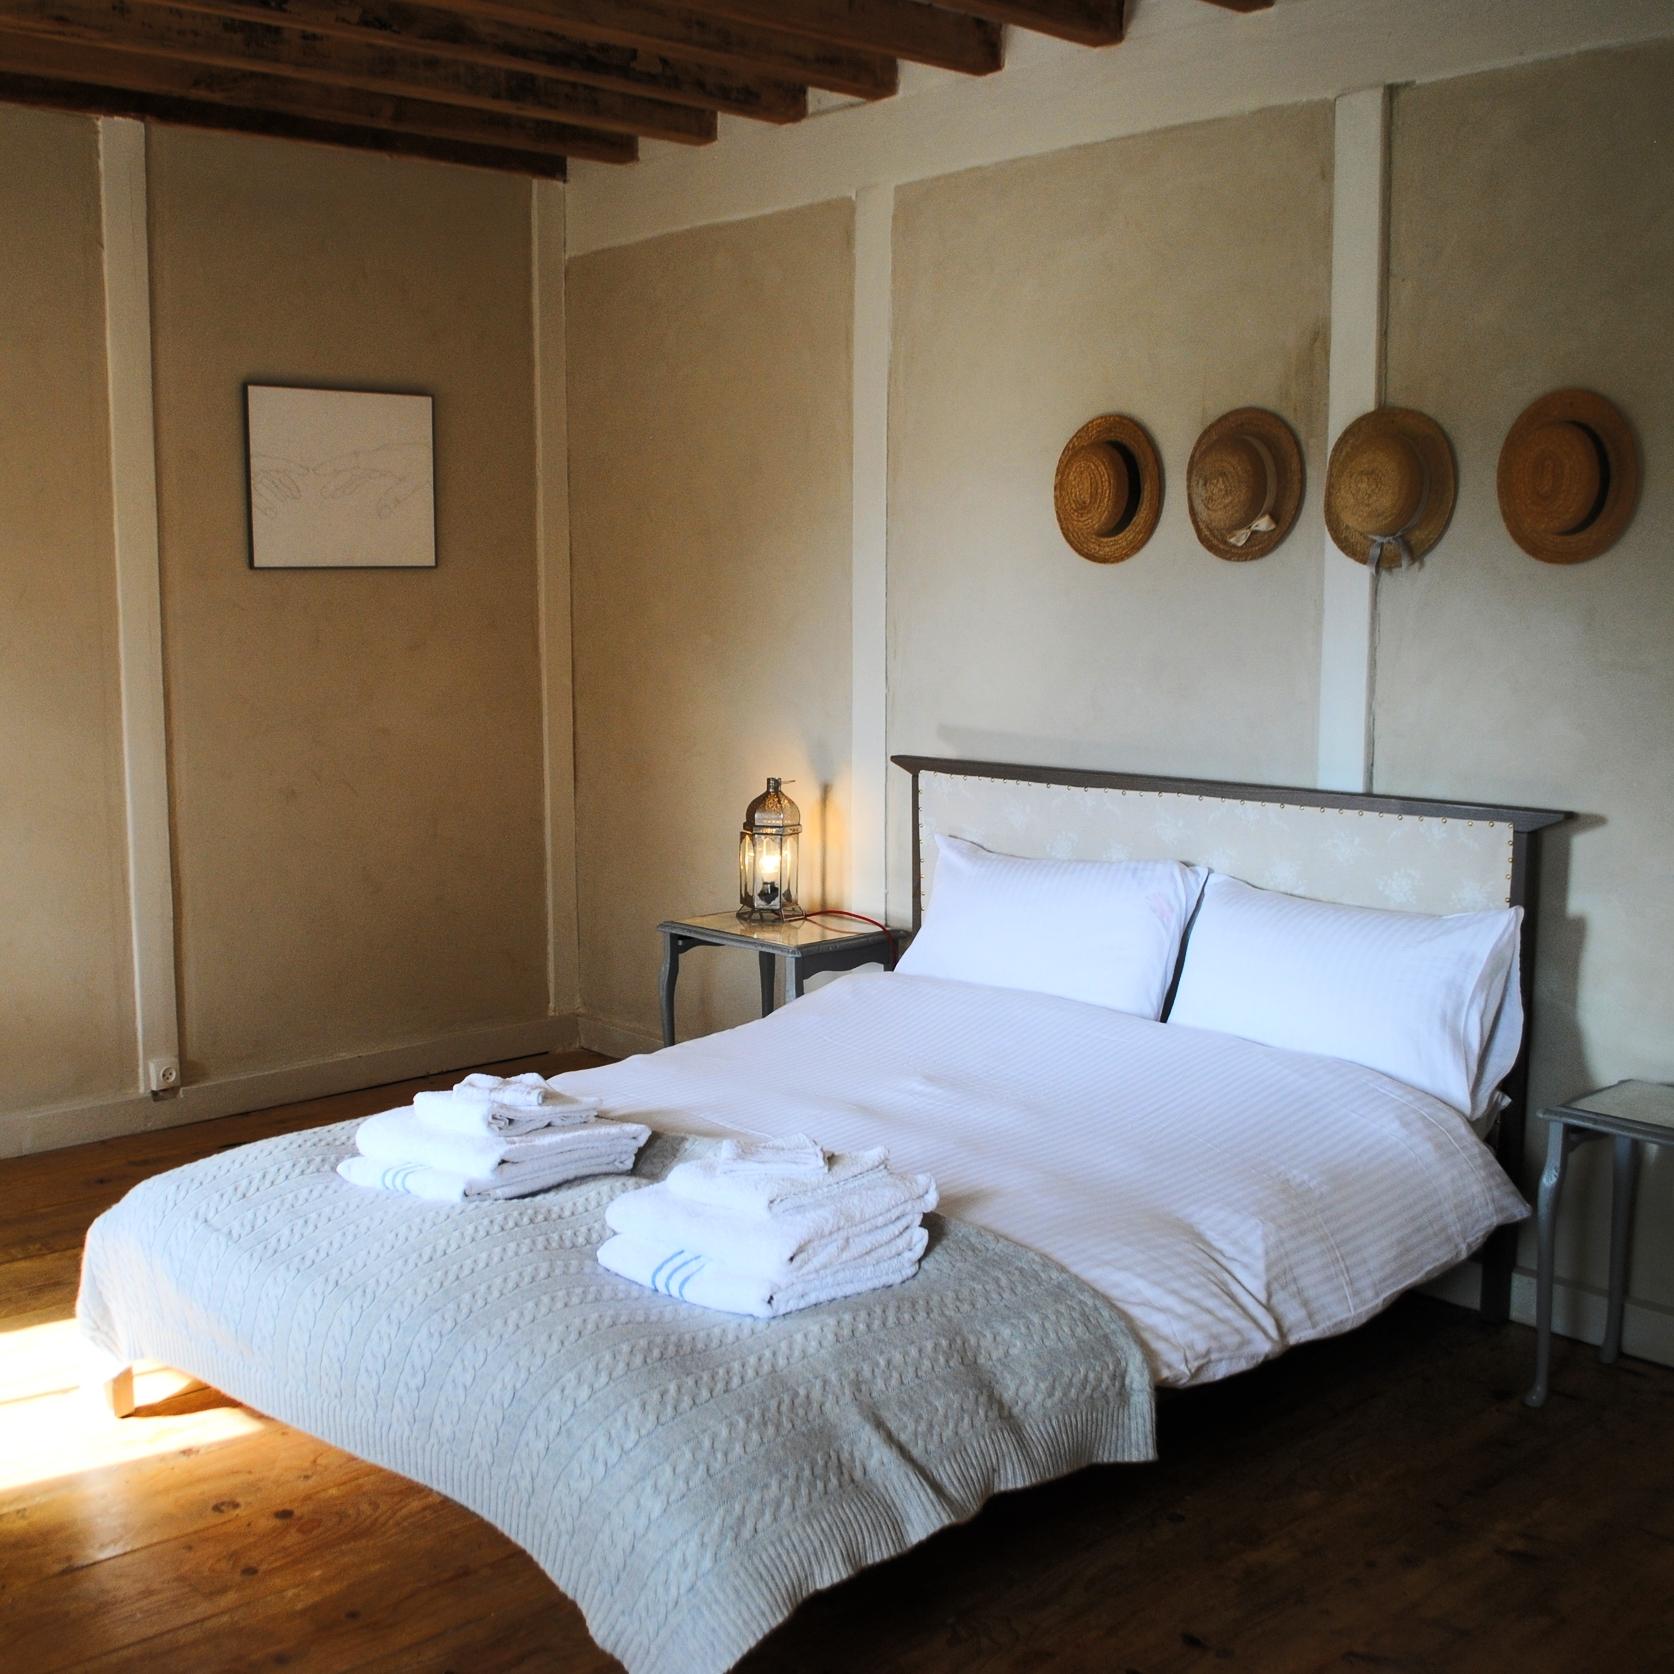 Chapeaux Bedroom